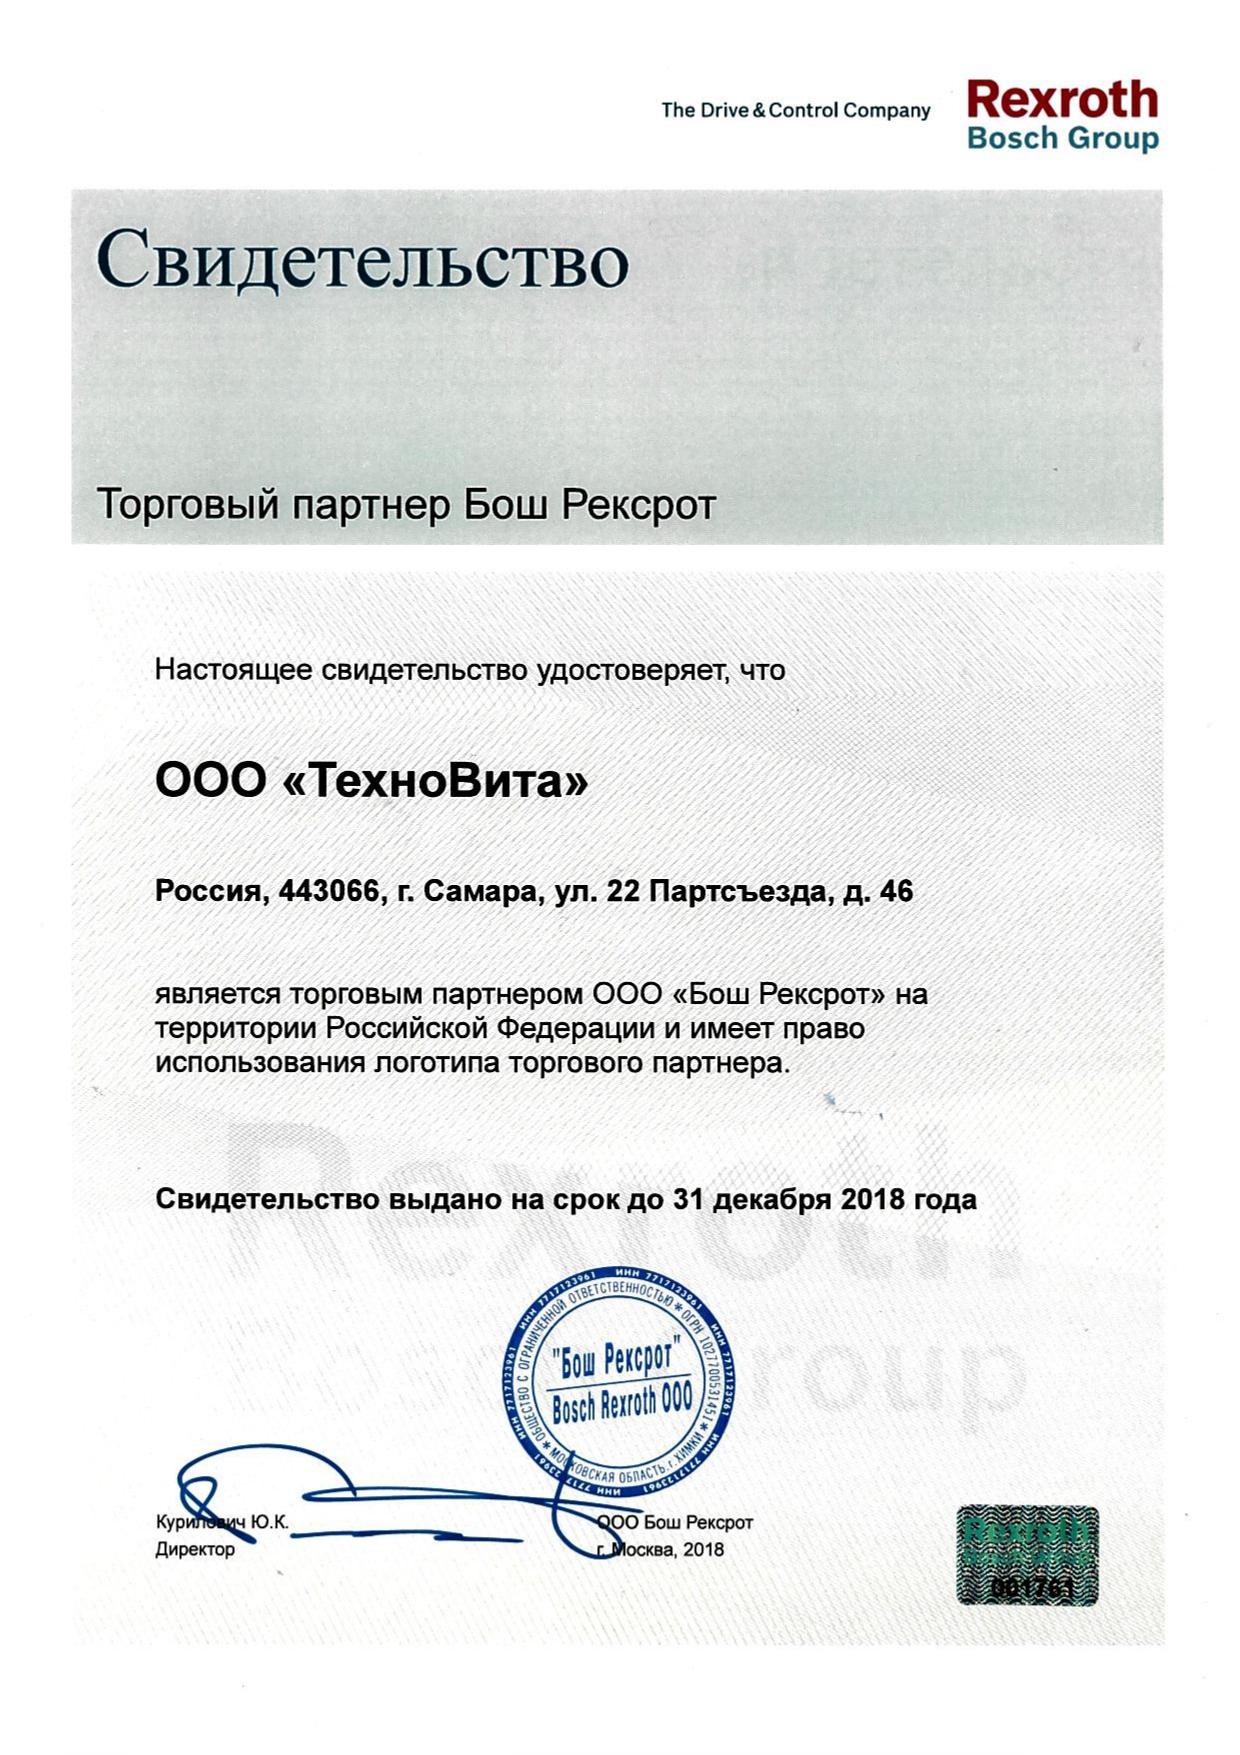 Официальный сертификат продукции Bosch Rexroth